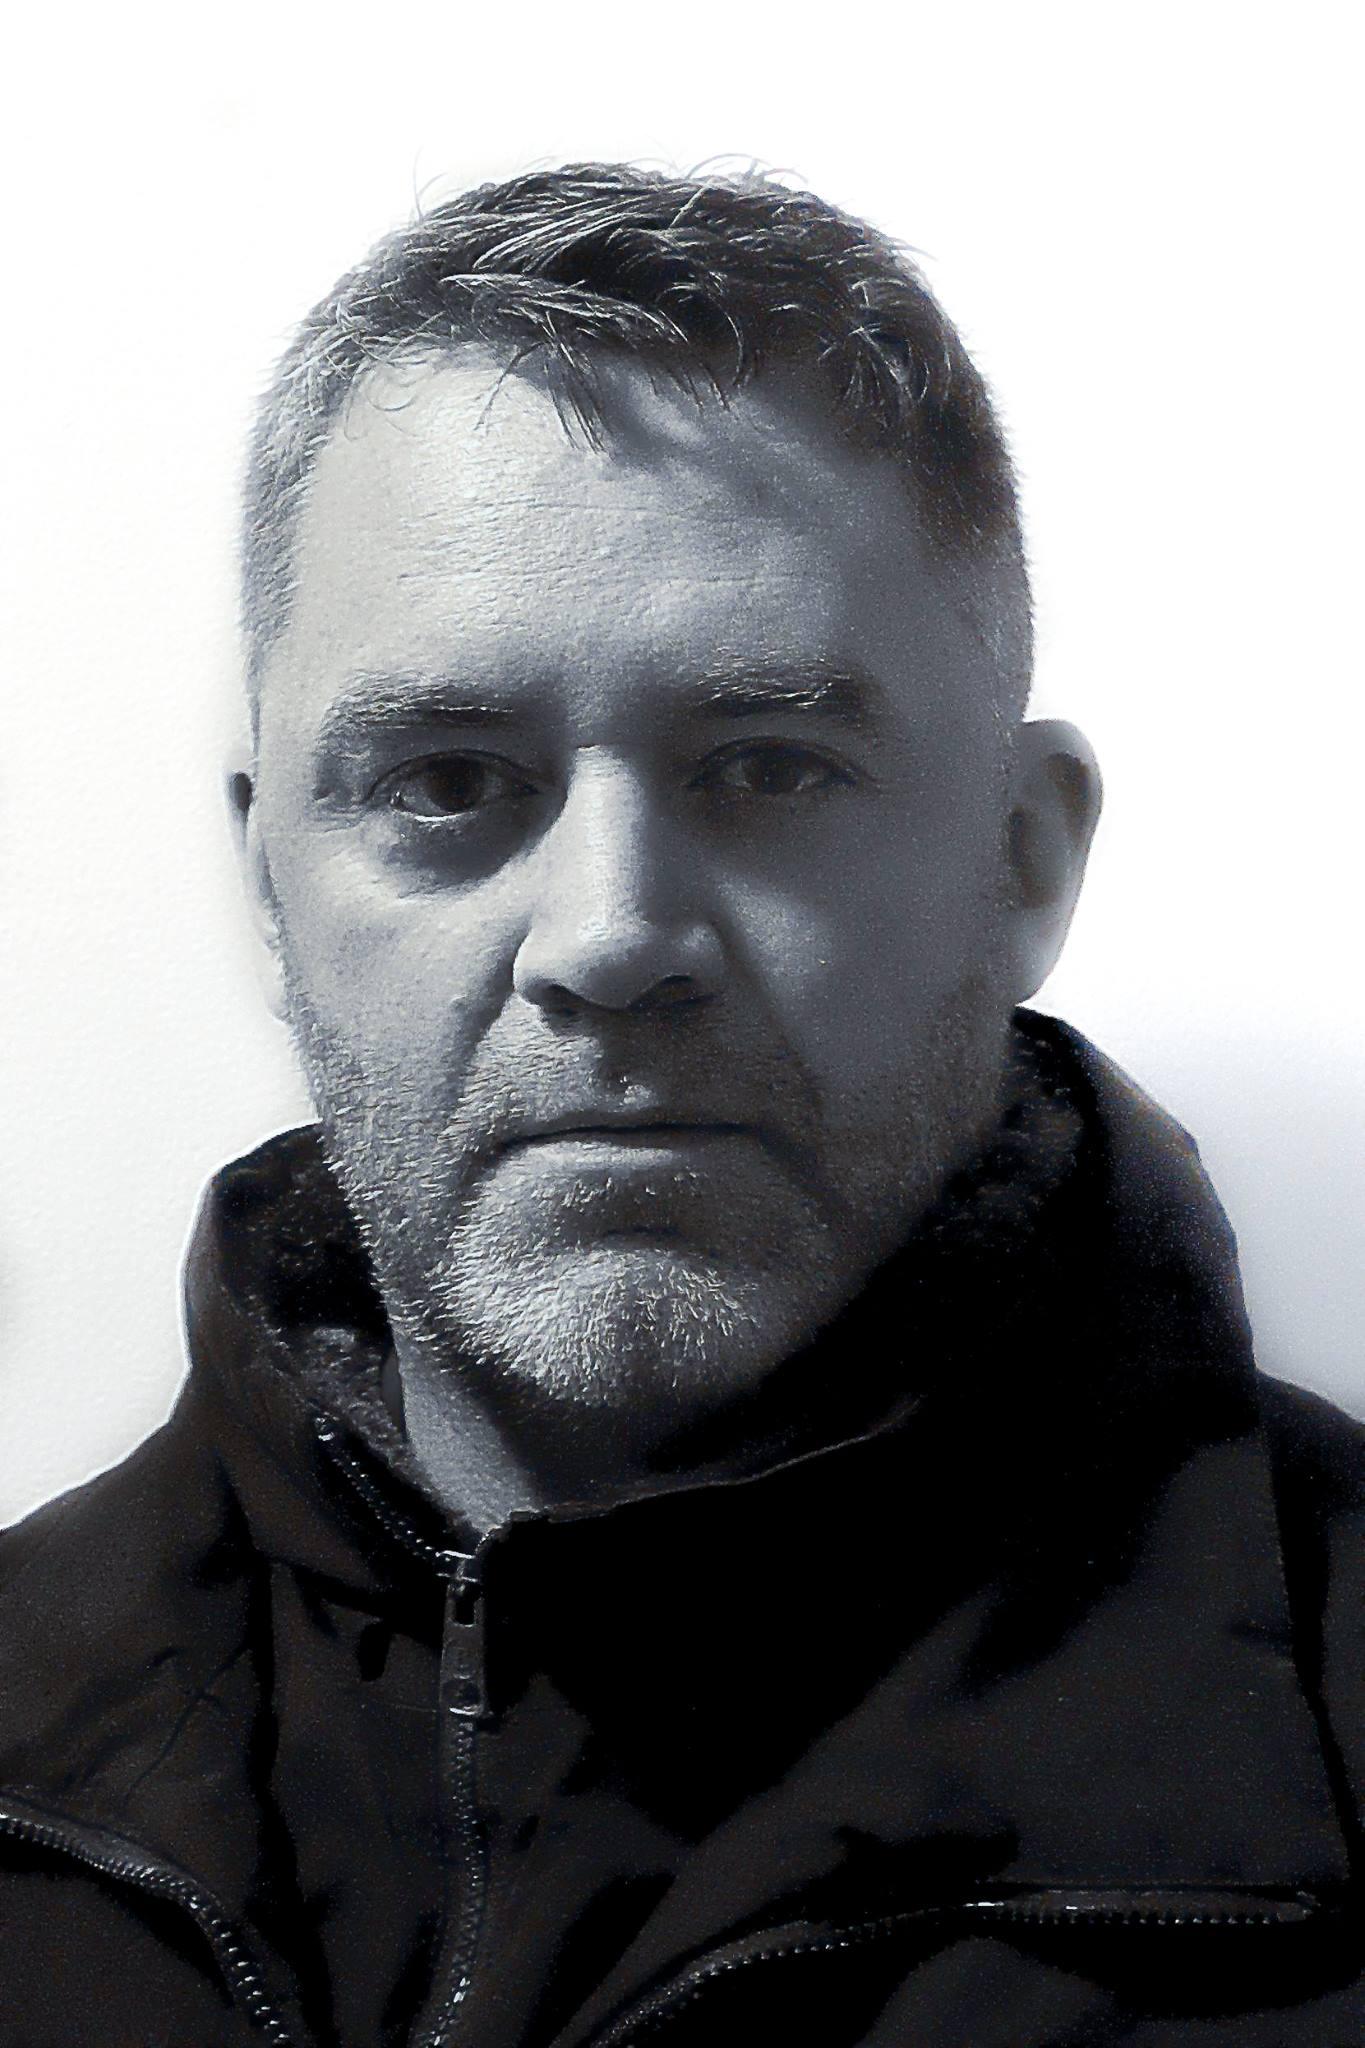 Luis Fernando Diez